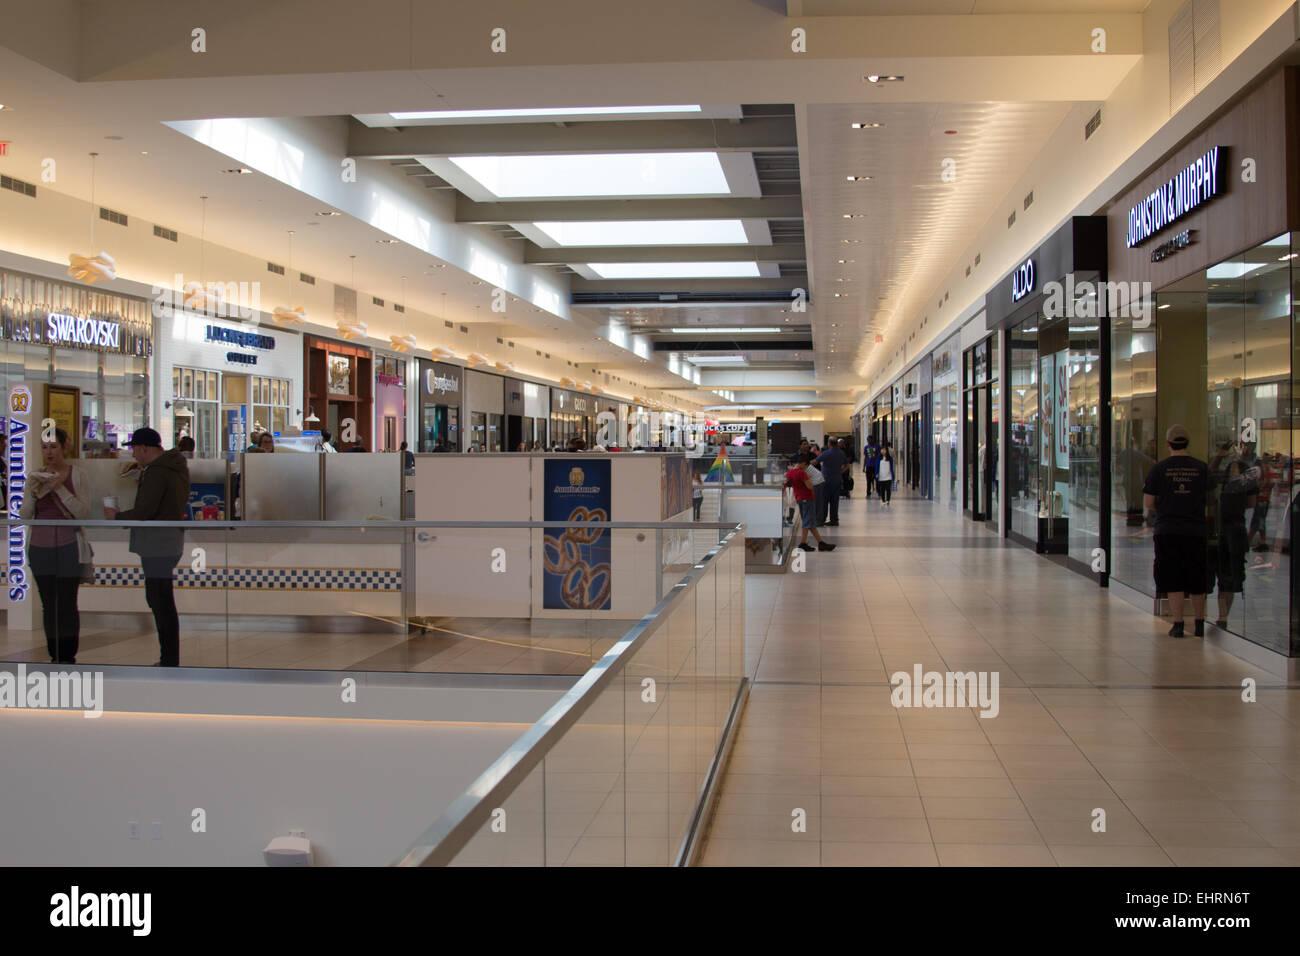 9045be50e6ff2 Shopping Mall Chicago Stock Photos & Shopping Mall Chicago Stock ...